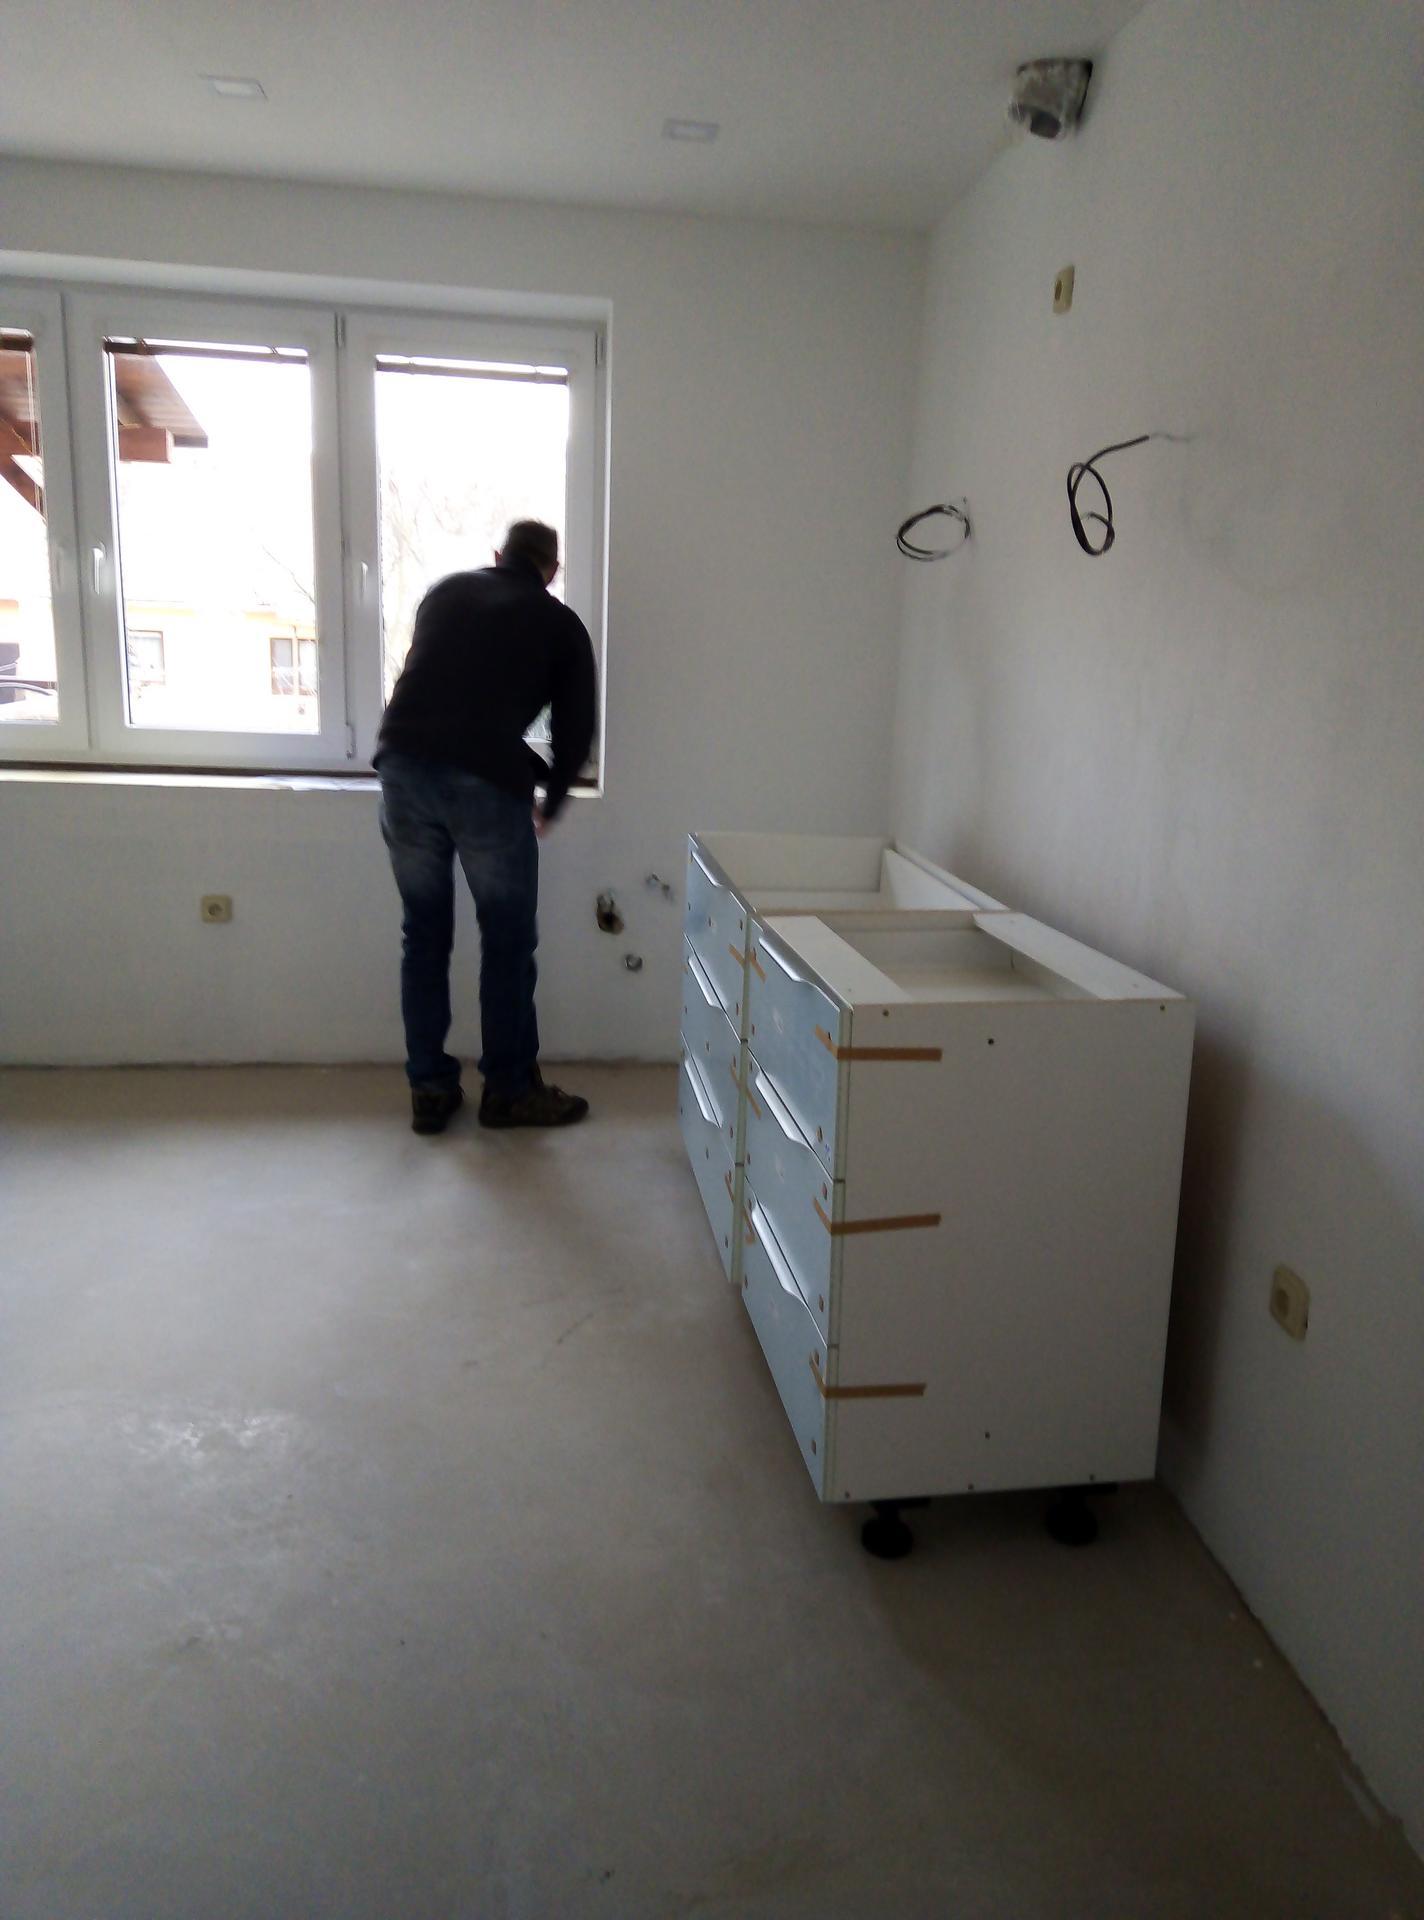 Sen o kuchyni... - Začínáme montovat :)